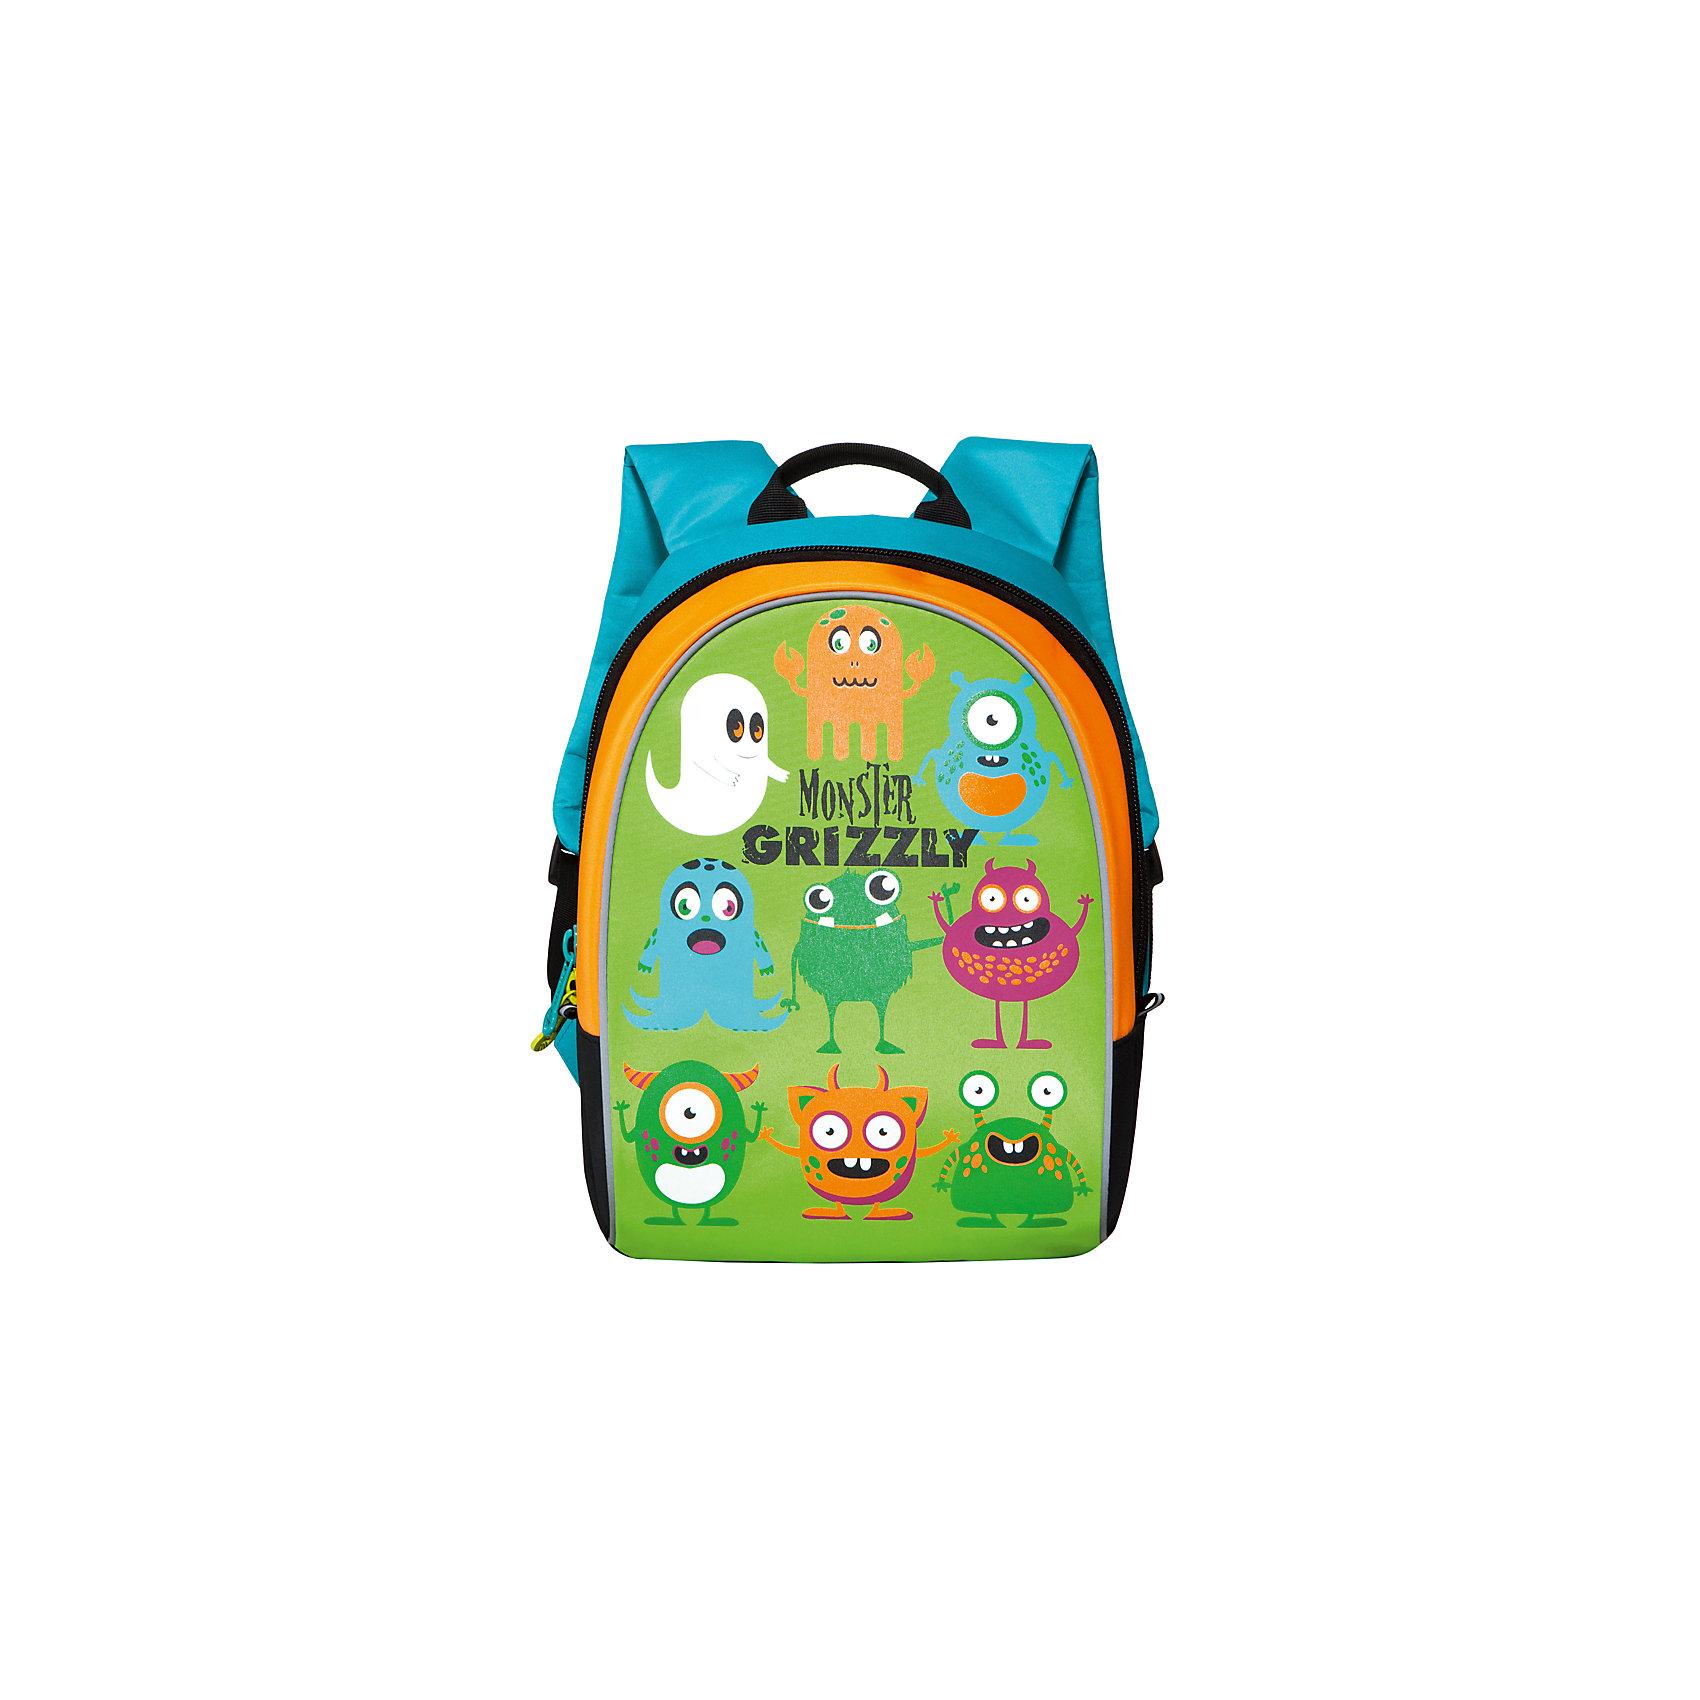 Рюкзак школьный Grizzly Monster , салатовыйАксессуары<br>Яркий рюкзак украшен изображениями забавных монстров на лицевой стороне. Светоотражающие элементы по всему периметру рюкзака делают заметнее ученика в темное время суток.<br><br>Дополнительная информация:<br><br>одно отделение на молнии,<br>внутренний карман, <br>укрепленная спинка, <br>дополнительная ручка-петля, <br>укрепленные лямки, <br>светоотражающие элементы с четырех сторон<br>Карман-пенал на передней стенке<br>Размер:27х35х16см.<br>Вес: 470 г<br><br>Рюкзак школьный, Monster Grizzly , салатовый можно купить в нашем магазине.<br><br>Ширина мм: 270<br>Глубина мм: 160<br>Высота мм: 350<br>Вес г: 466<br>Возраст от месяцев: 72<br>Возраст до месяцев: 120<br>Пол: Мужской<br>Возраст: Детский<br>SKU: 4632772